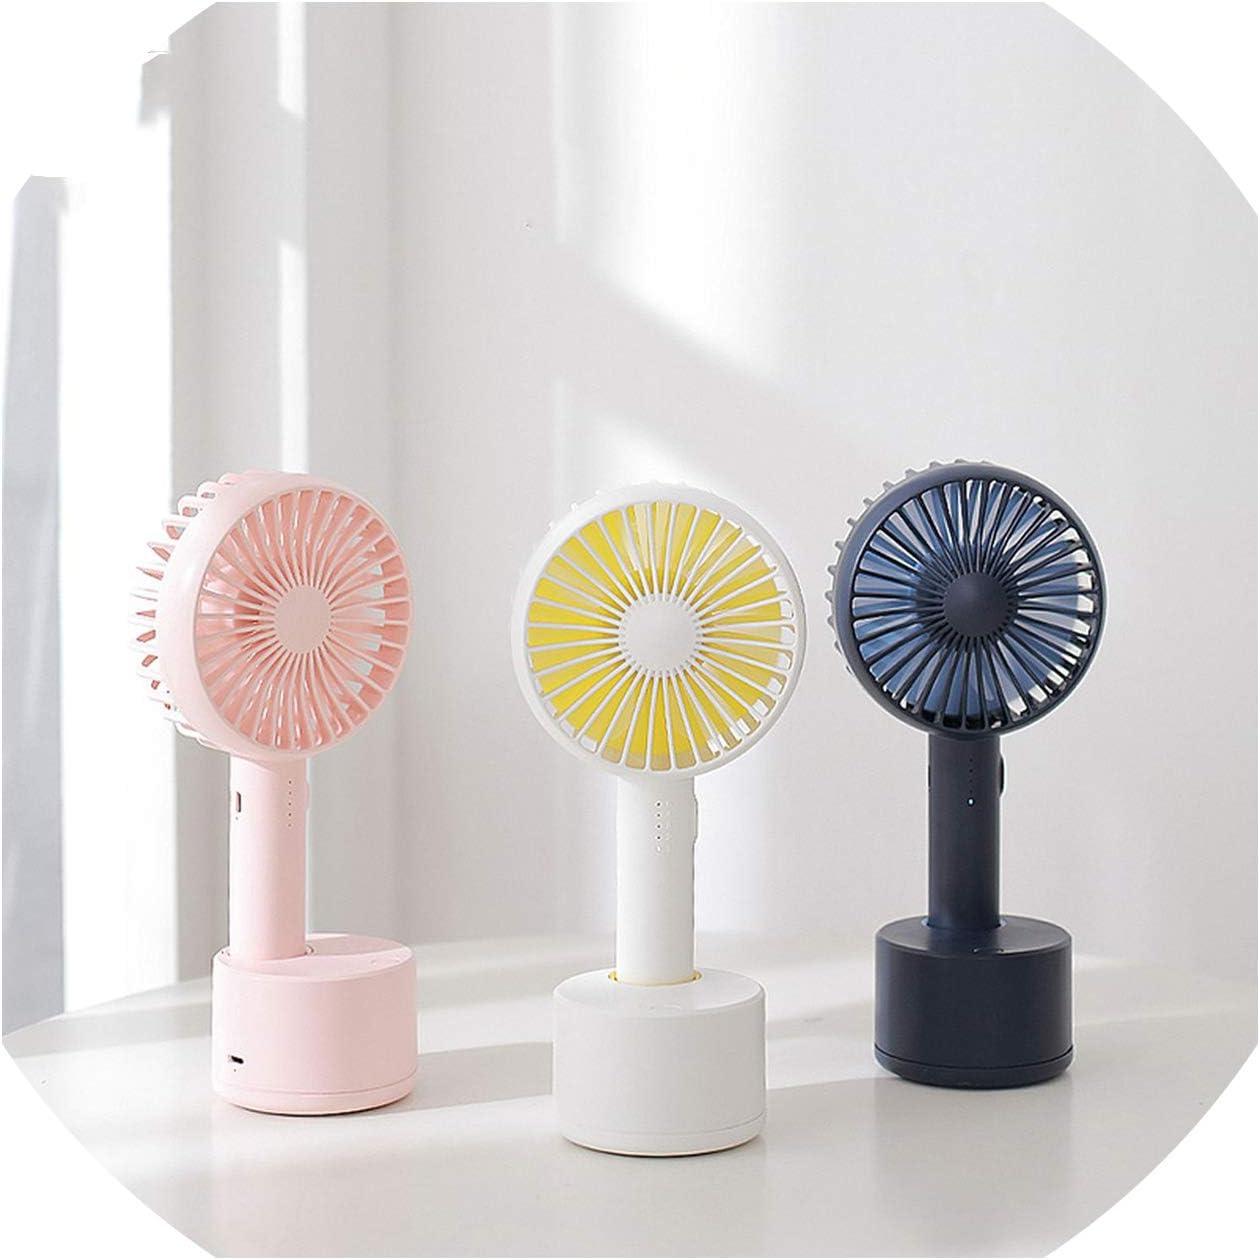 USB Fan 3 Speed Adjustable Portable Mini Fan Hand Fans Rechargeable USB Charging Mini Handheld Fan,Blue